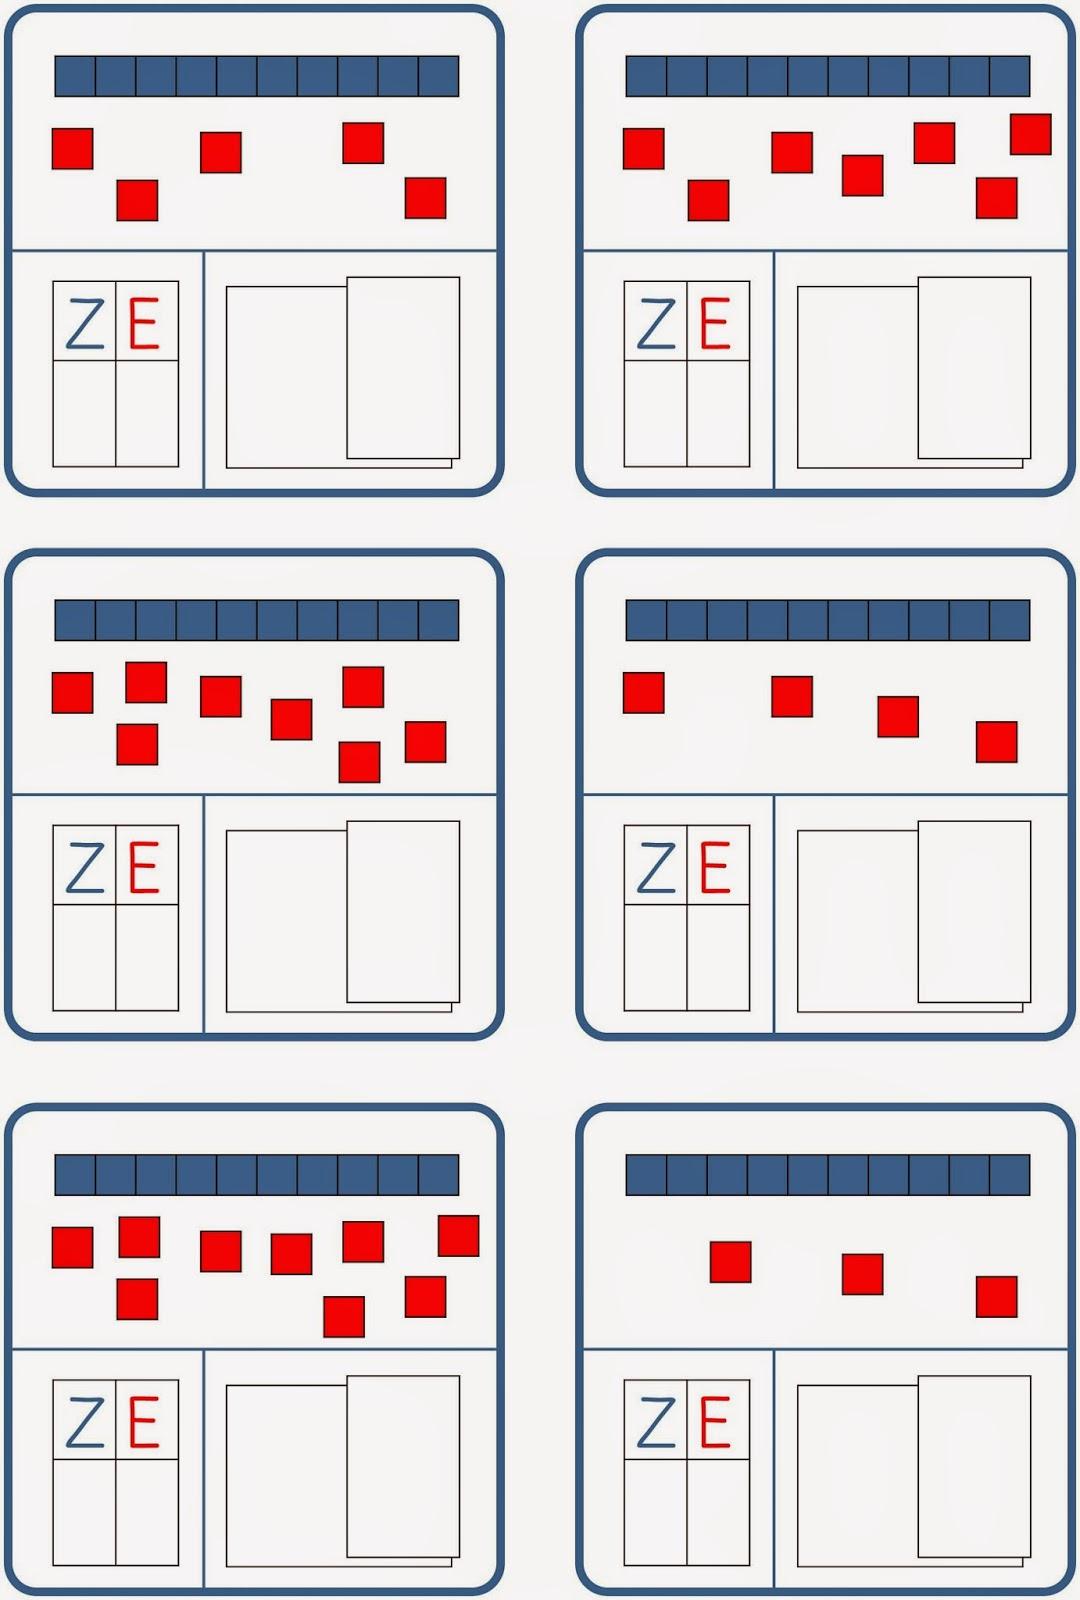 Lernstübchen: Zehner blau und Einer rot